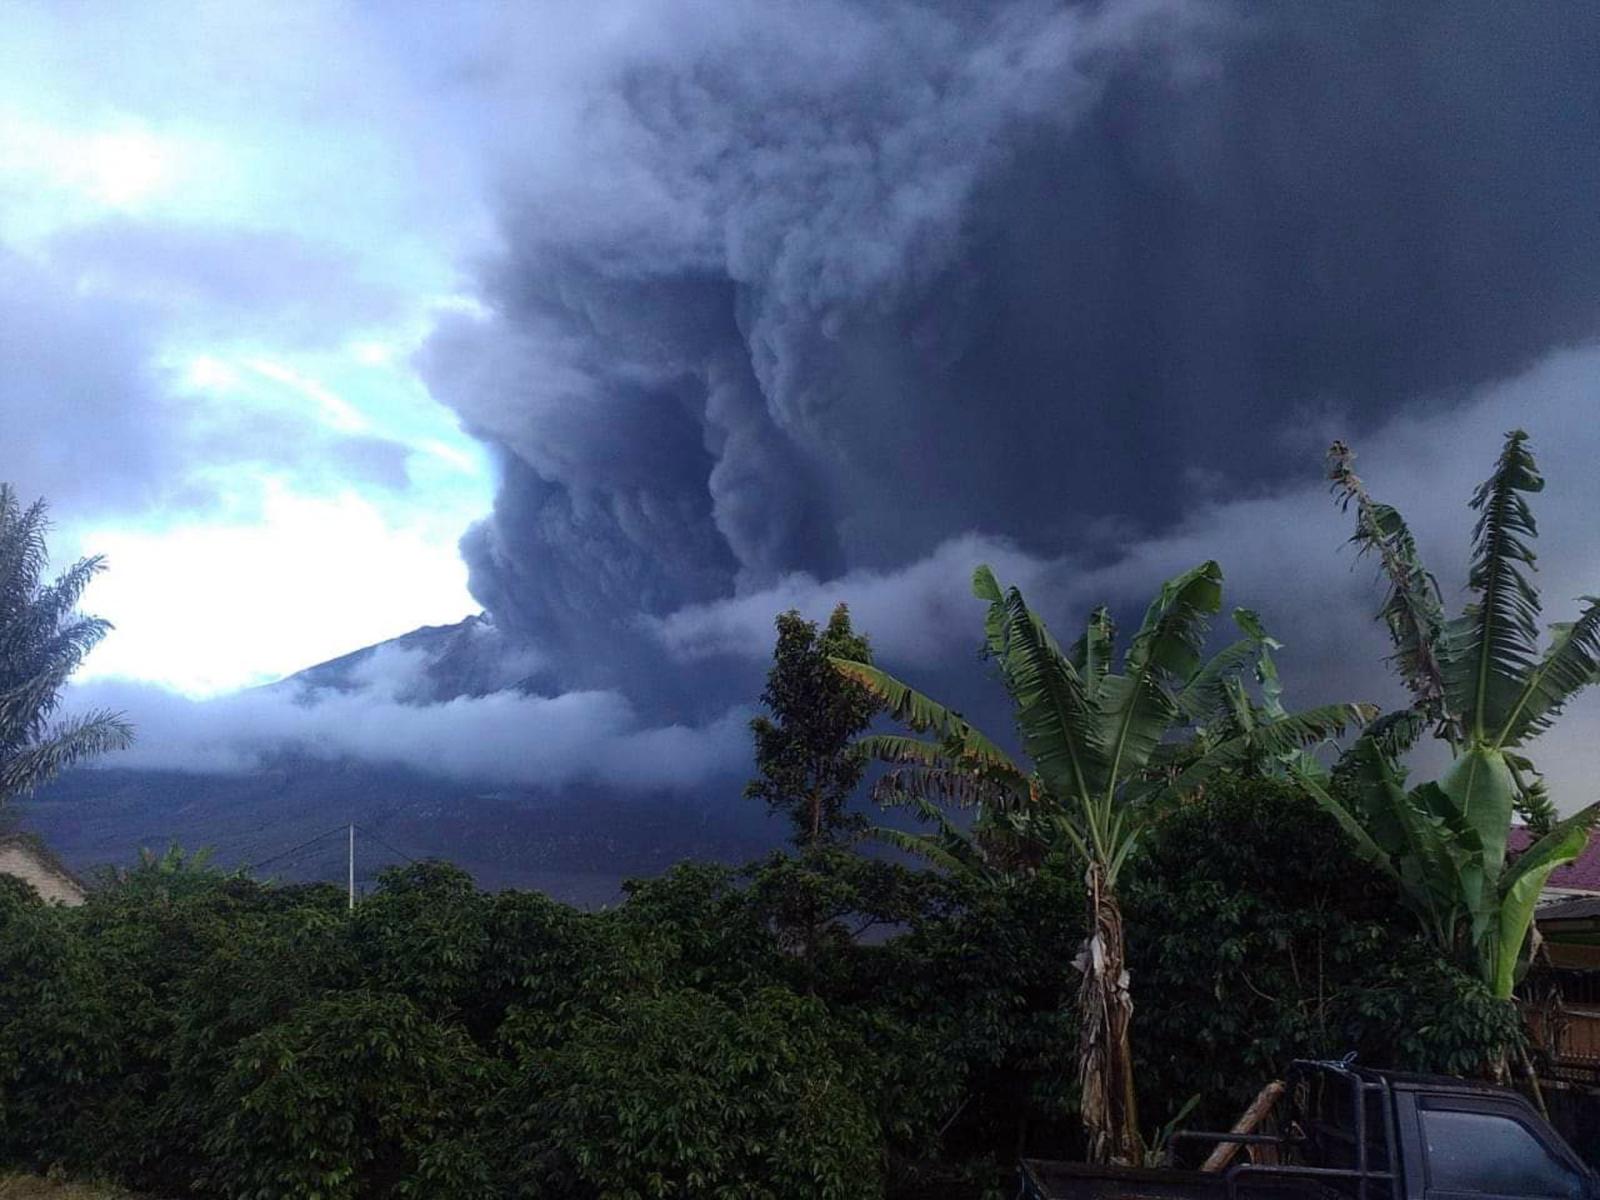 Indonezja, erupcja wulkanu  EPA/BNPB